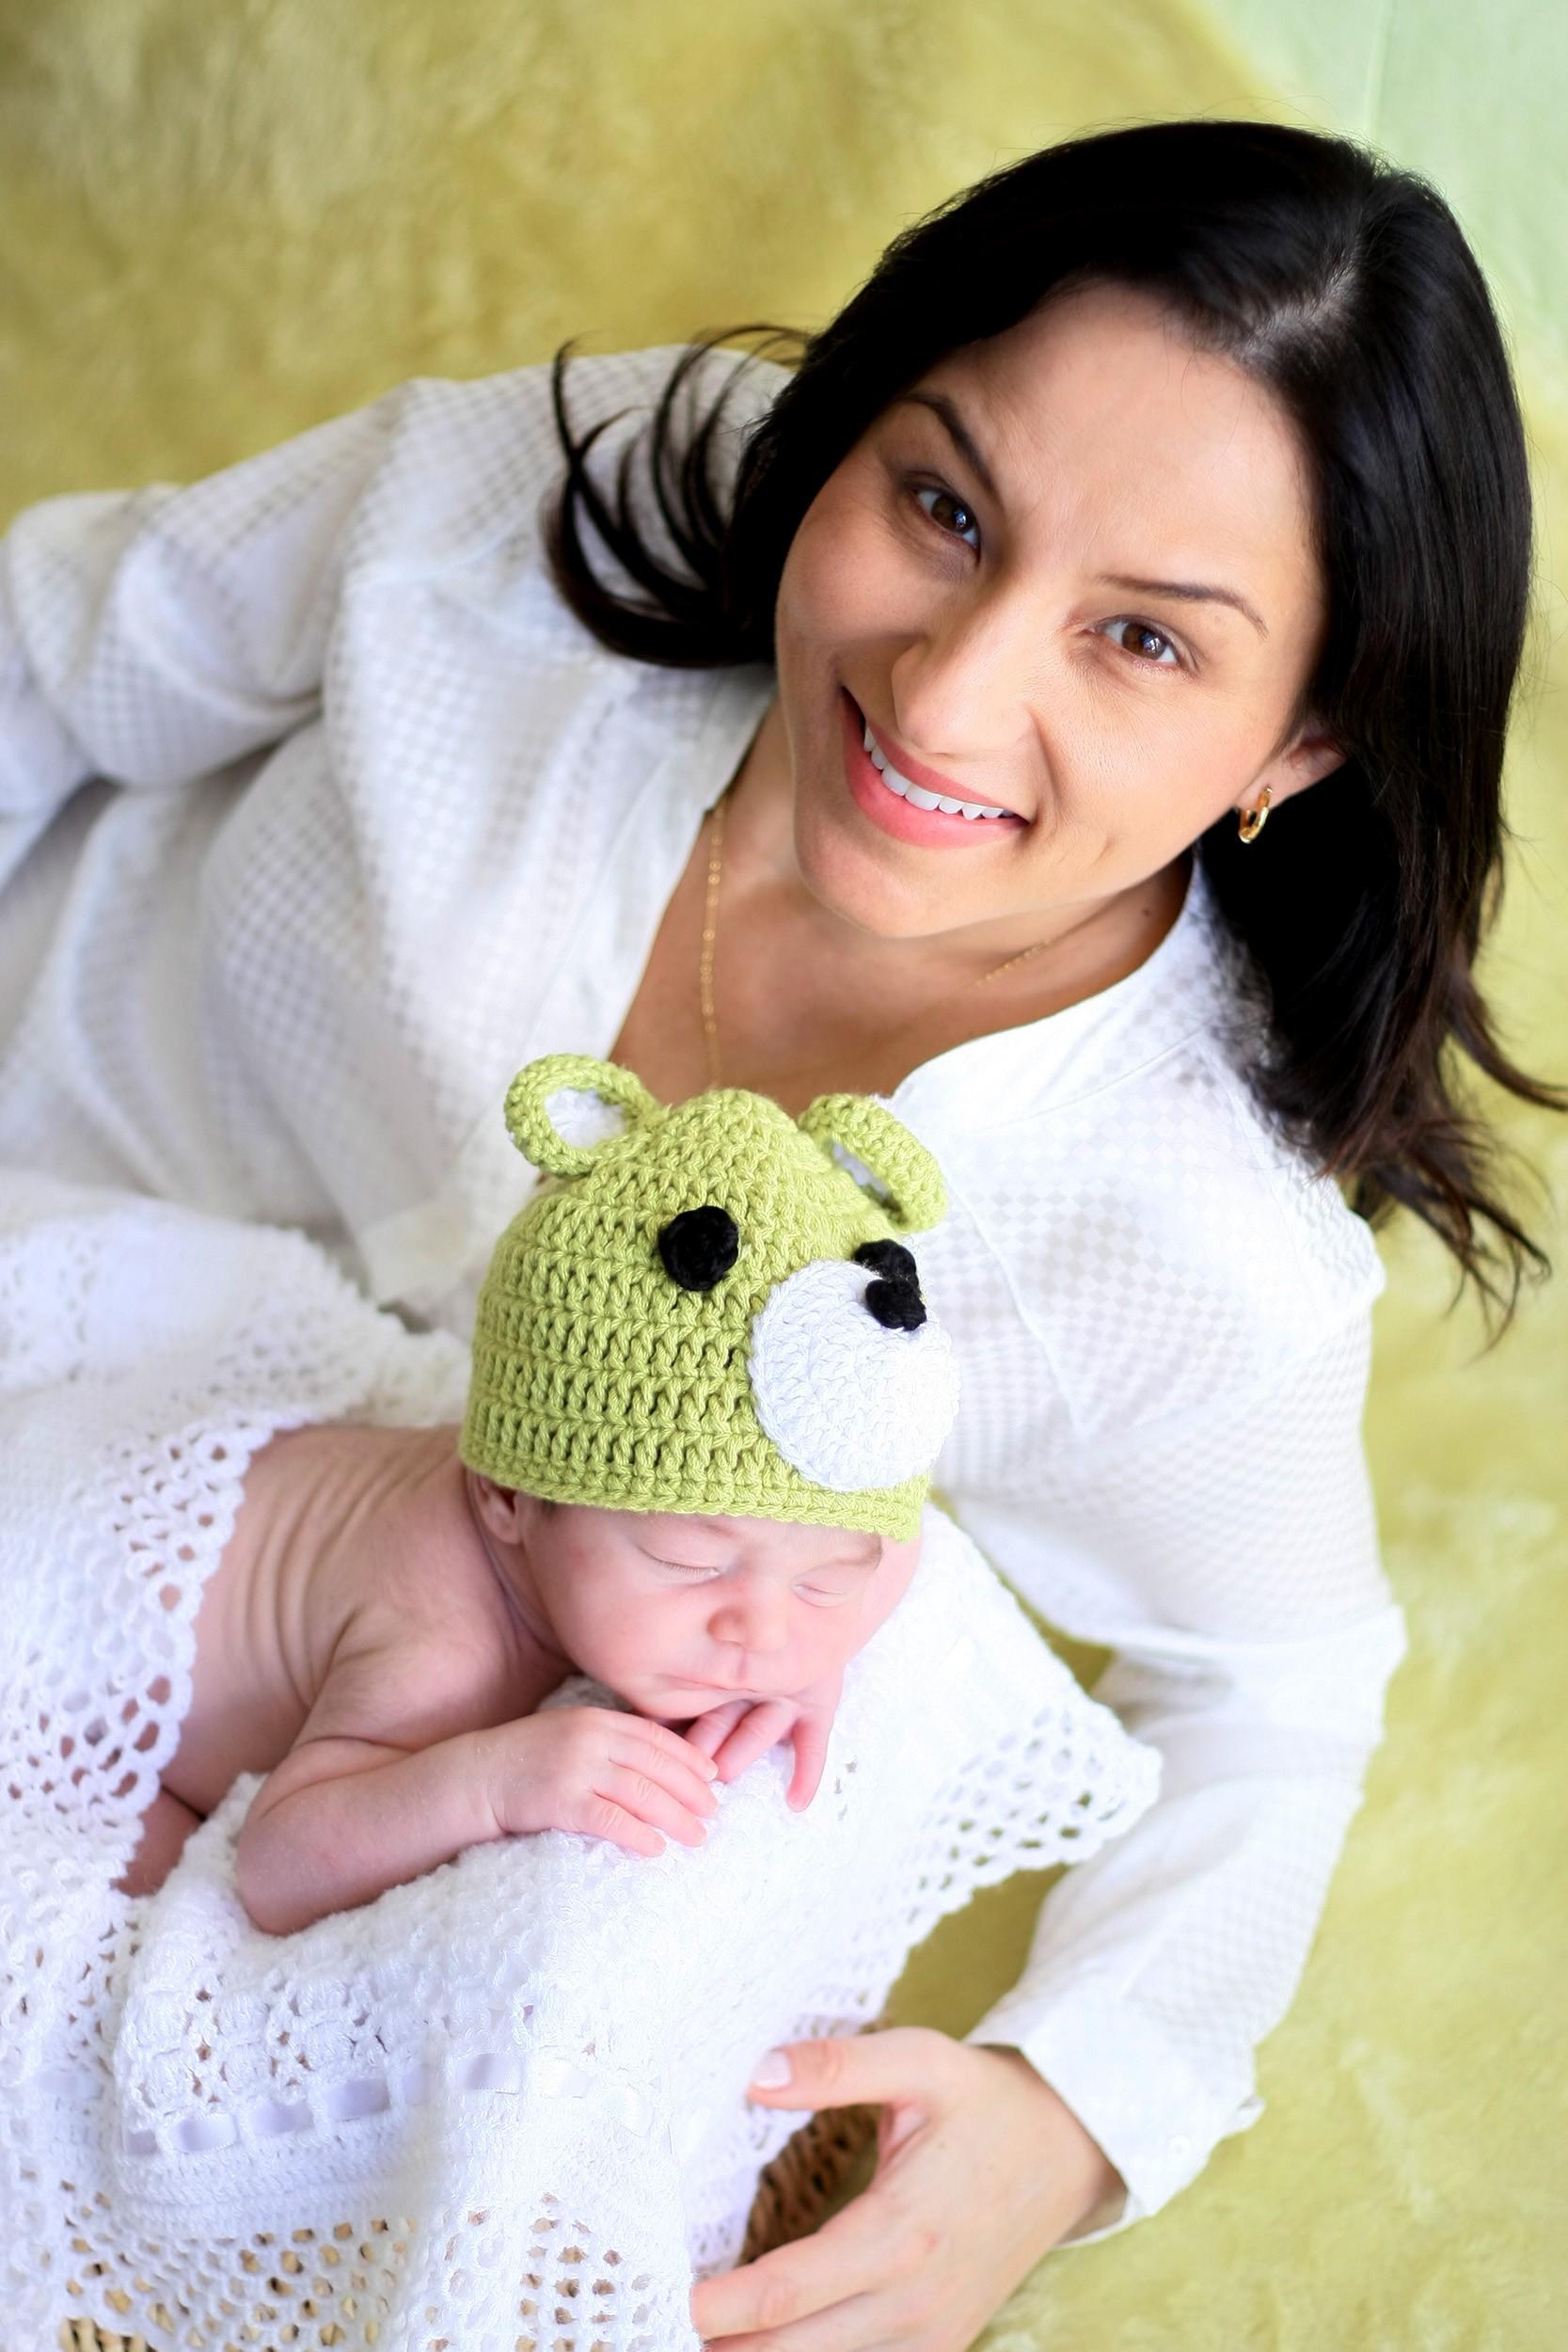 Sonia Campos deu à luz Davi em parto natural (Foto: Vera Bonfante/Divulgação)